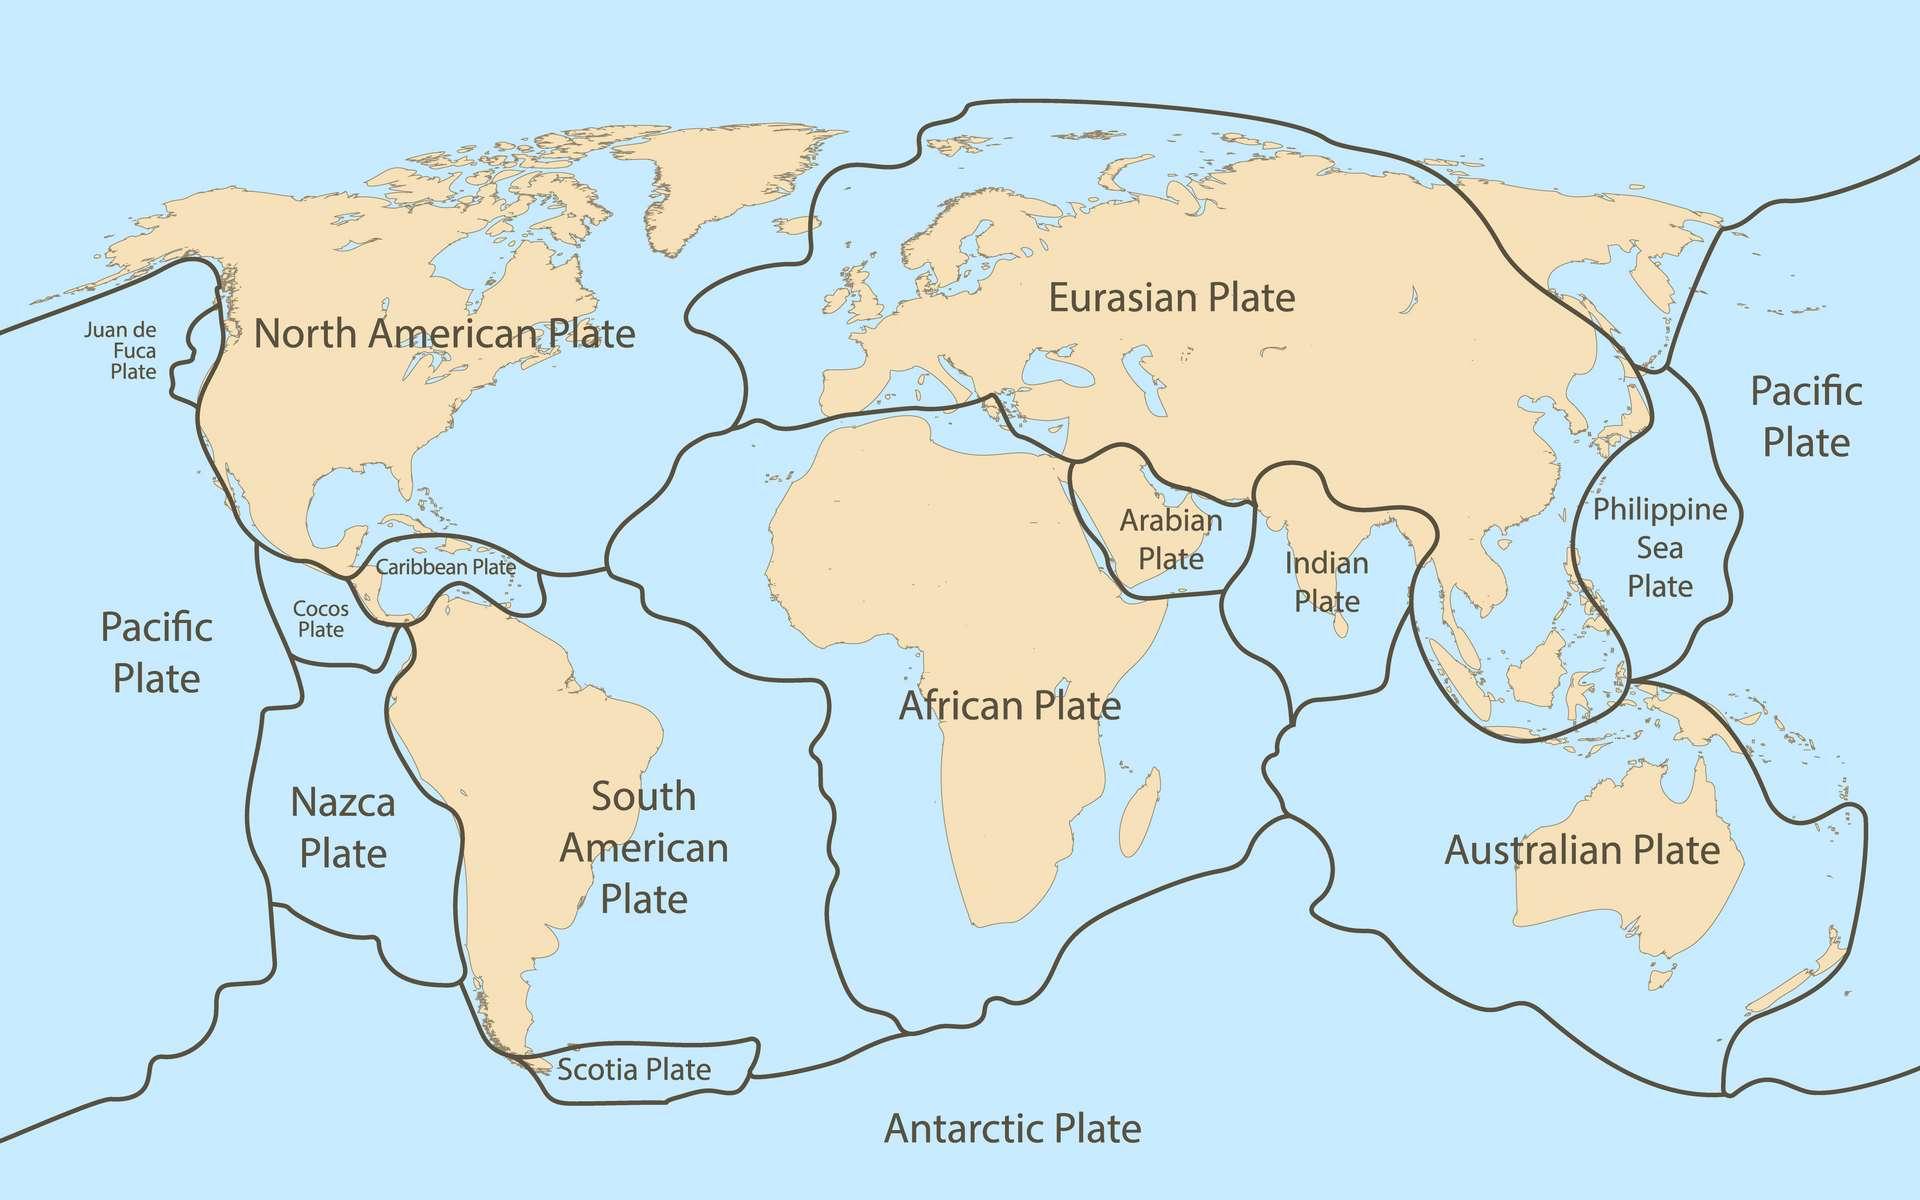 La lithosphère — enveloppe rigide recouvrant la Terre — est scindée en différentes plaques tectoniques. © kolonko, Adobe Stock